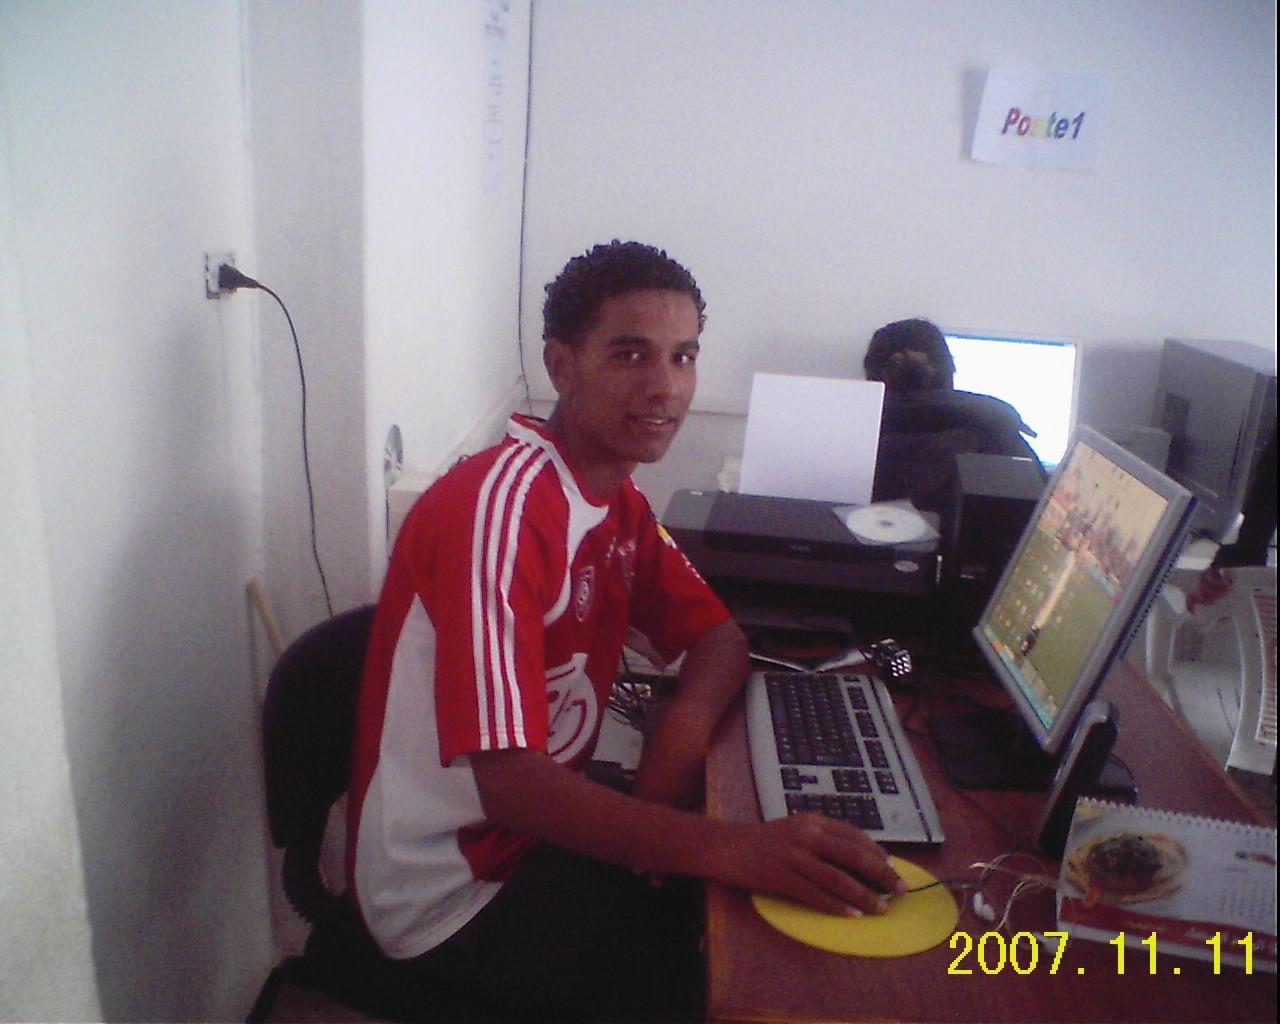 Zabour Tunisienne Nik des photos, des photos de fond, fond d'écran